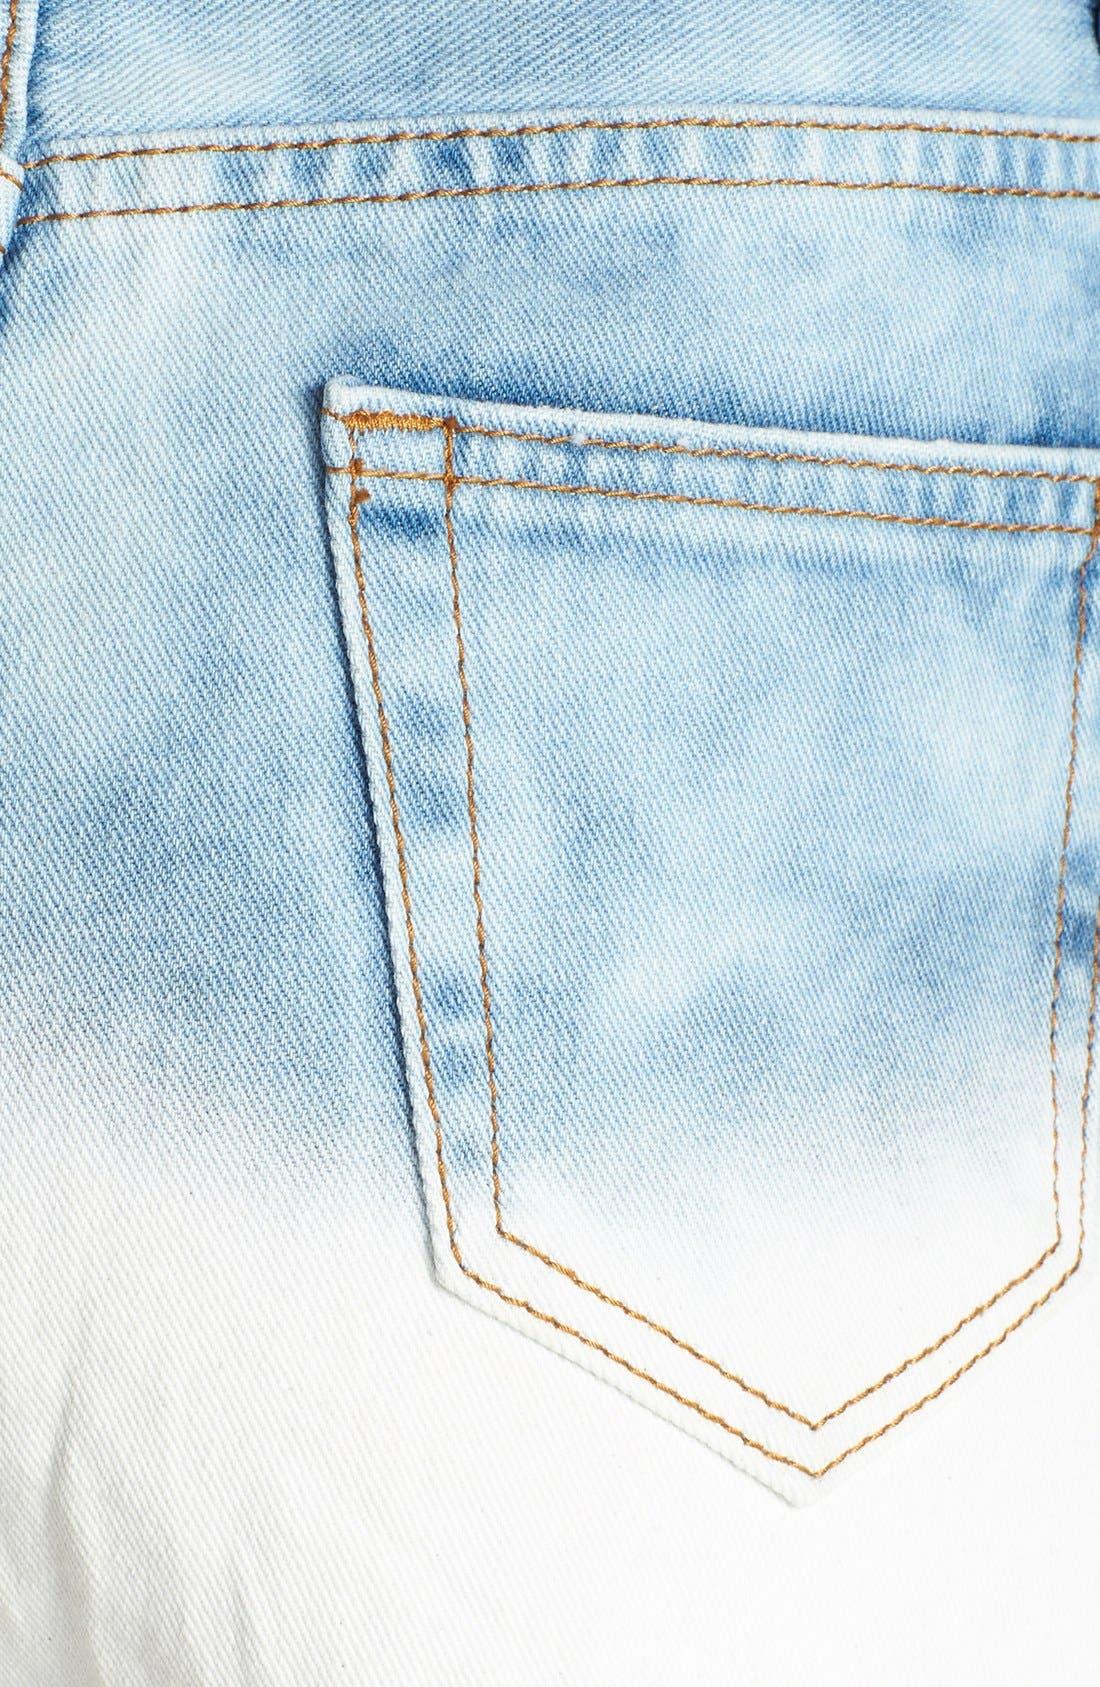 Alternate Image 3  - Glamorous High Rise Cutoff Denim Shorts (Blue Dip Dye)